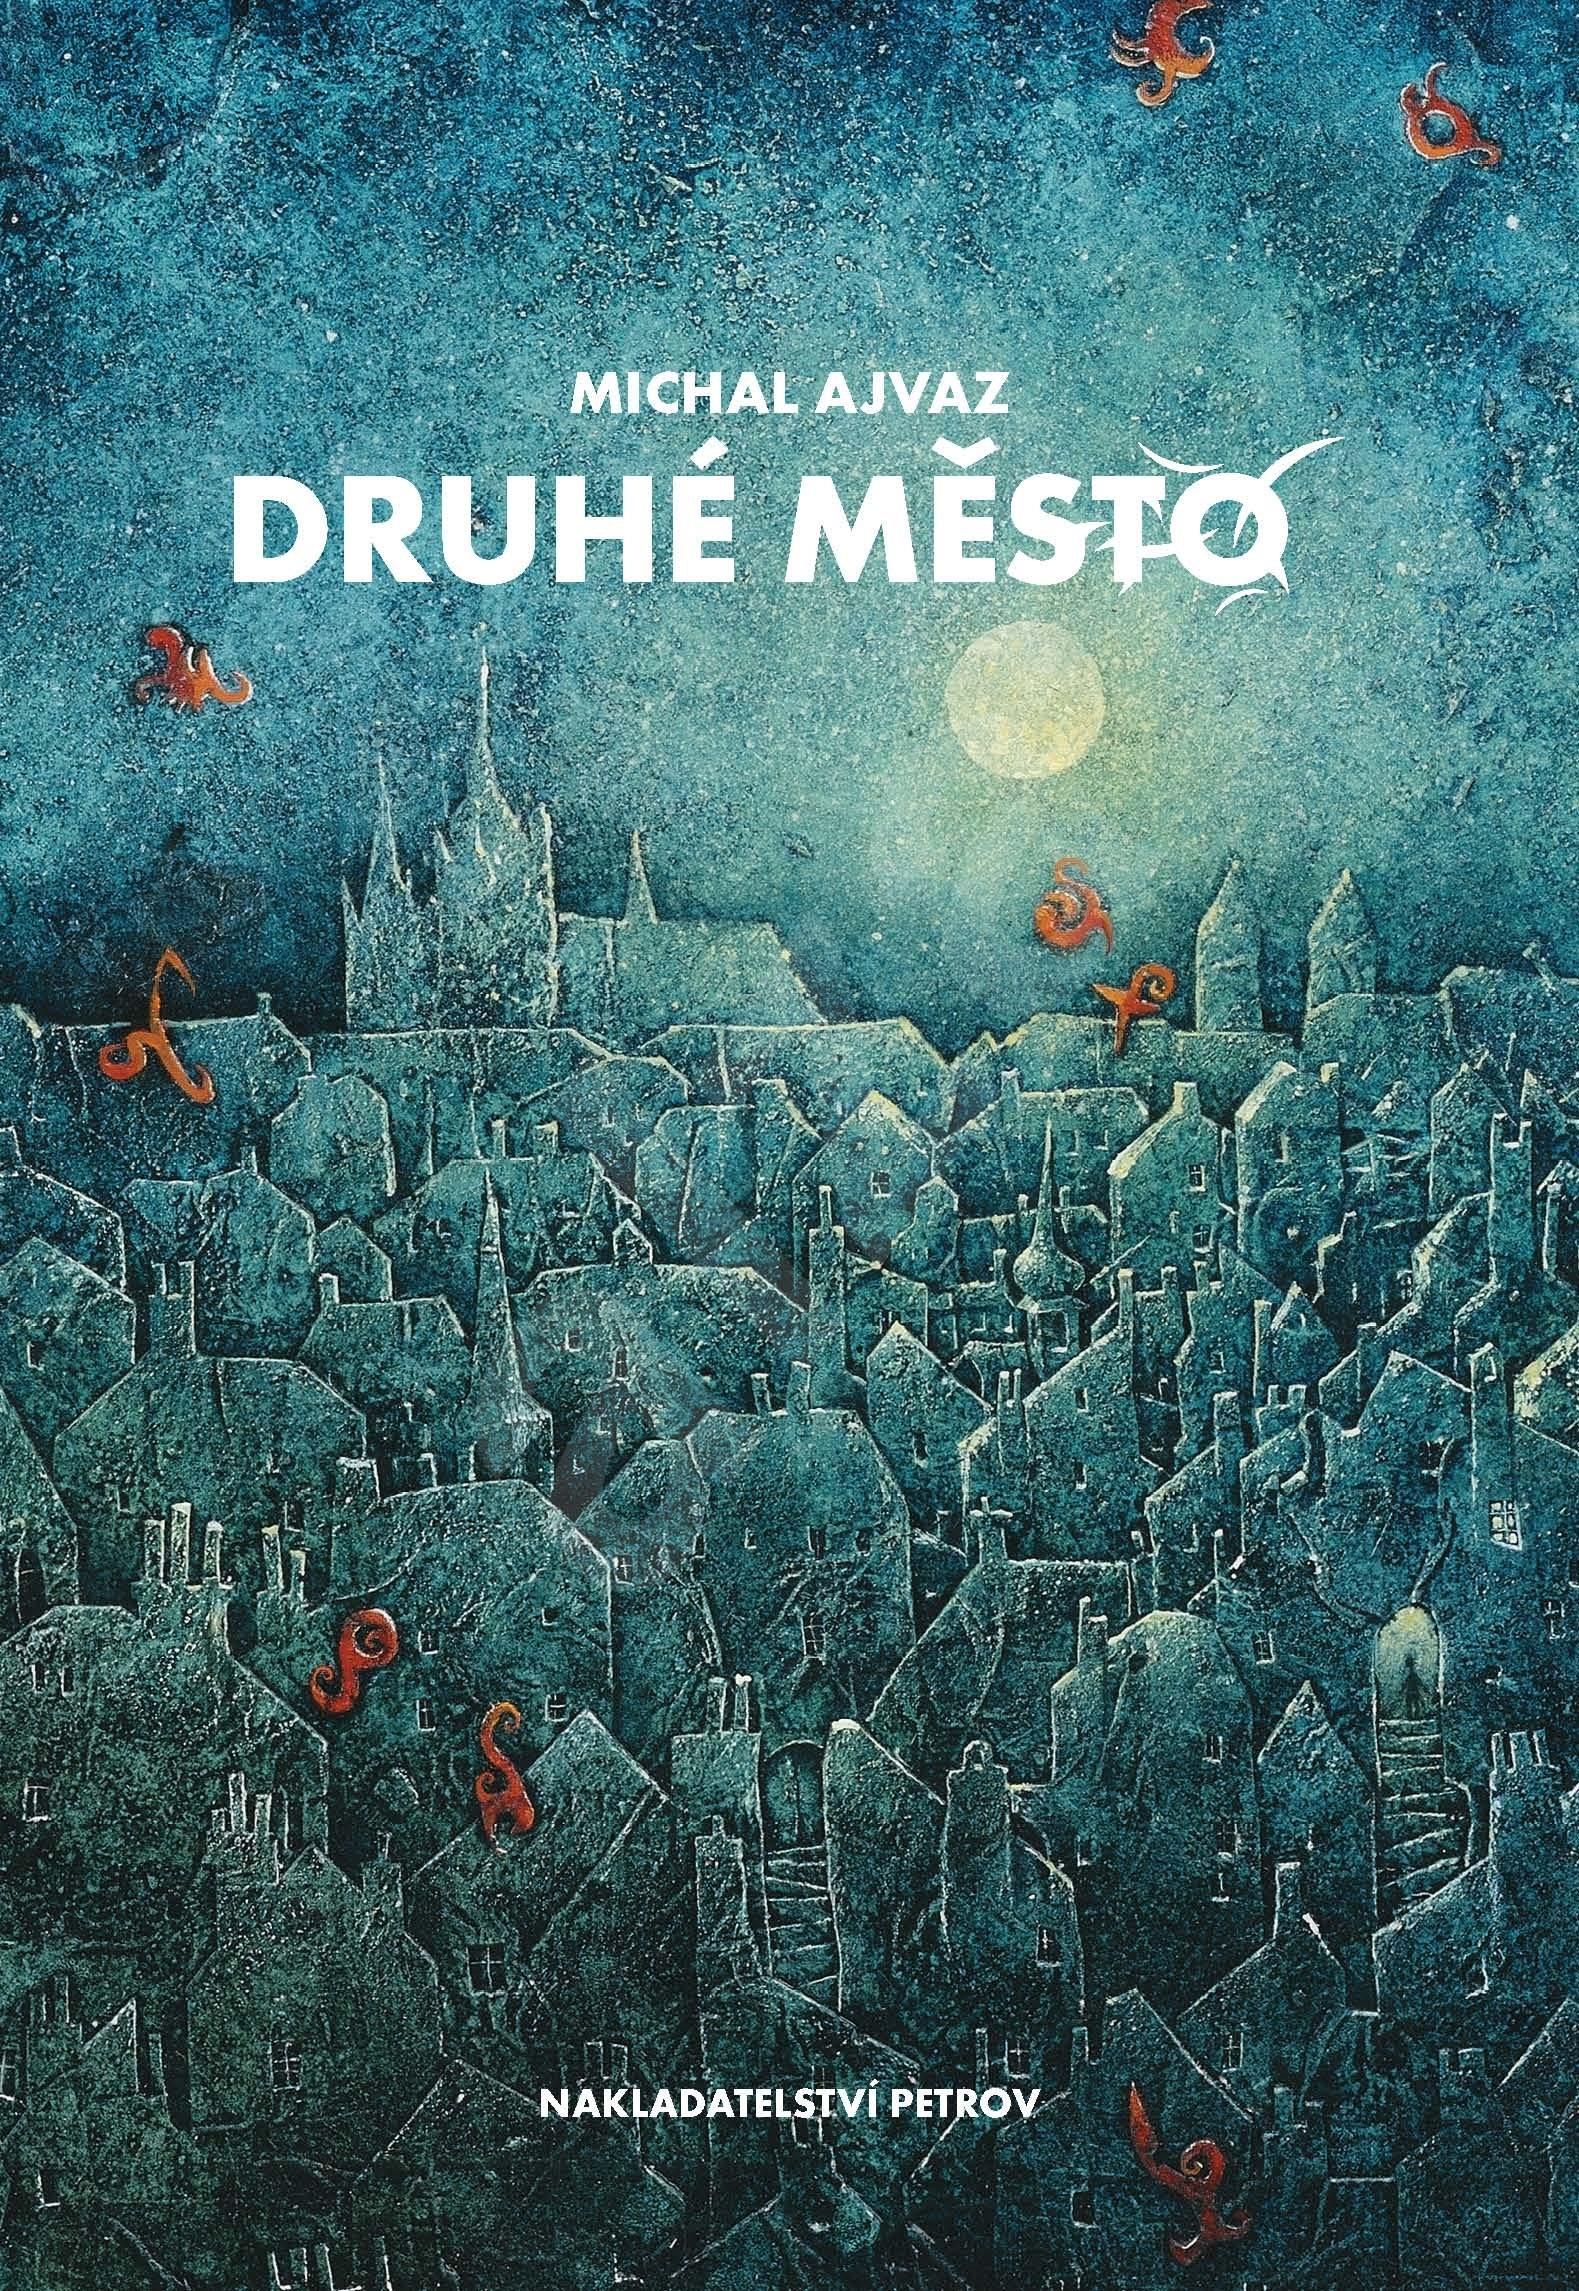 Michal Ajvaz 'Druhé město' (The Other City)